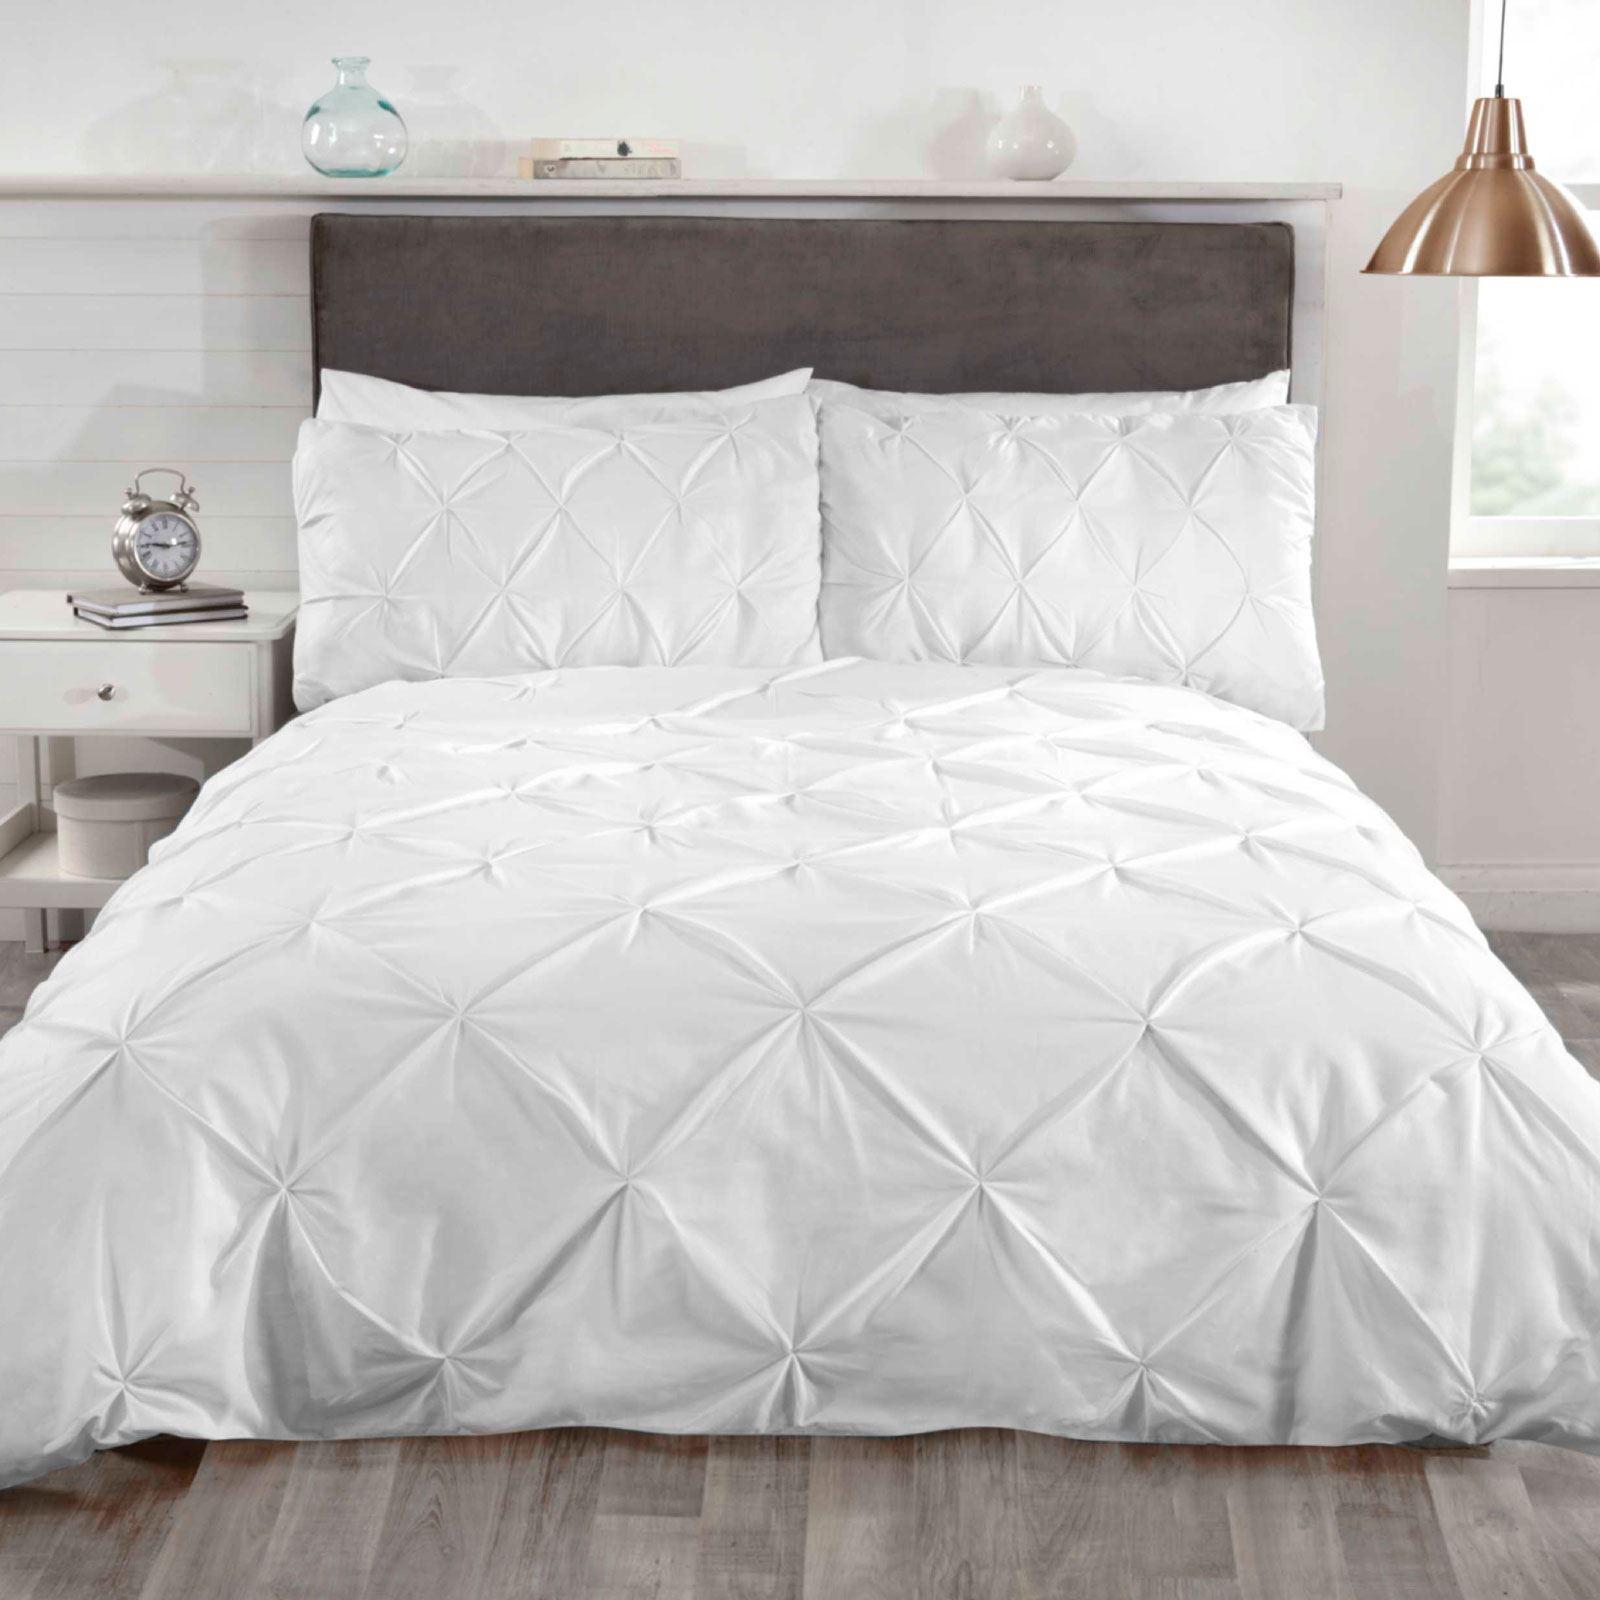 Balmoral Pin Tuck White Double Duvet Cover Set Luxury Bedding Ebay